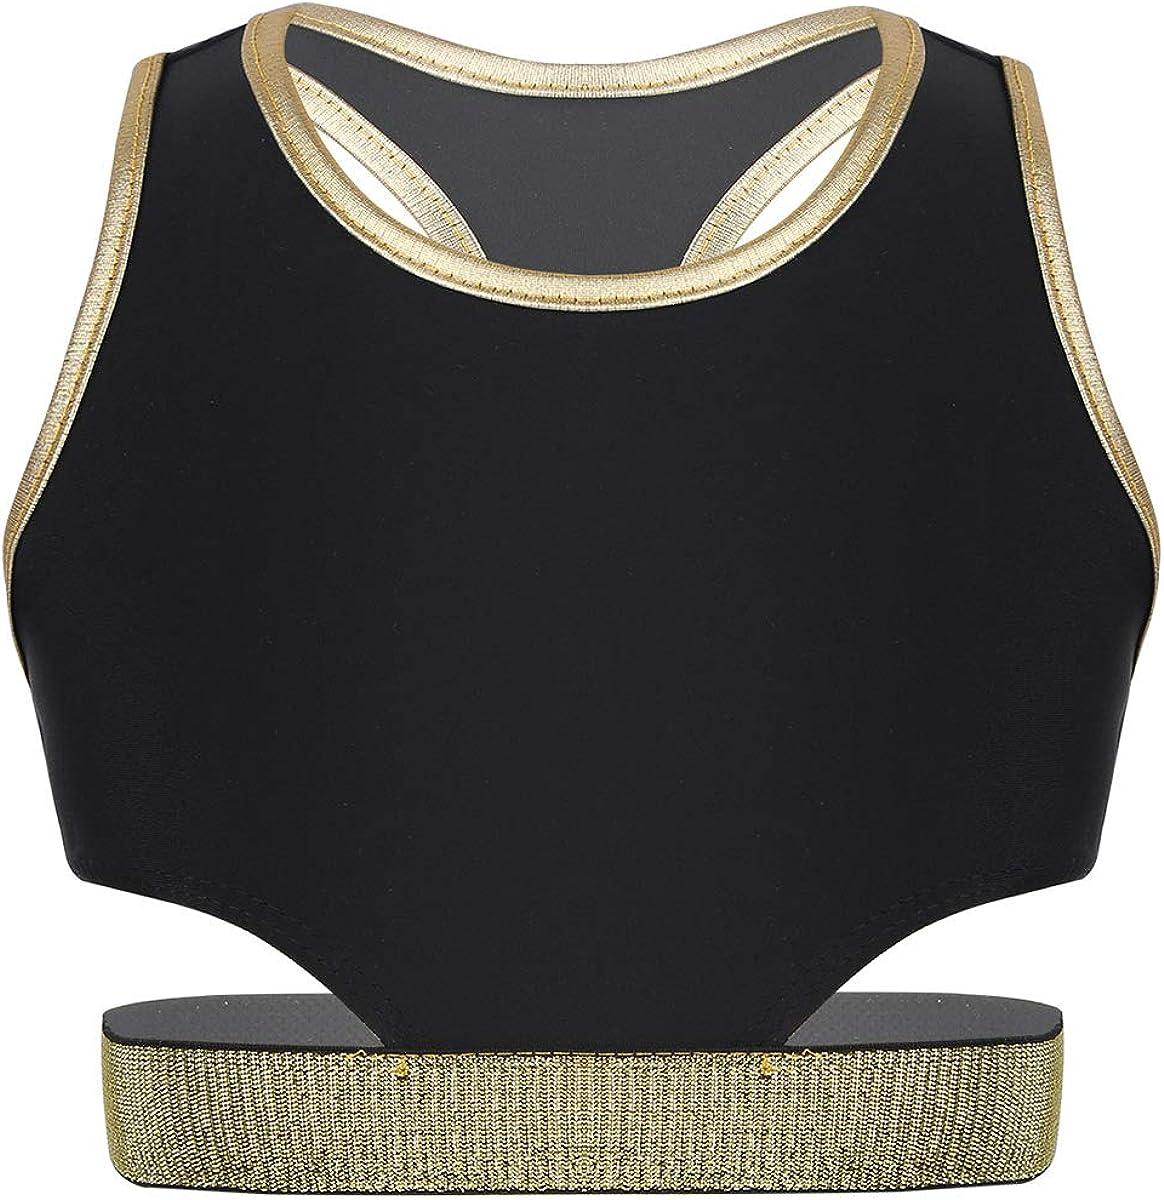 iiniim Kids Girls Stretchy Racer Back Sports Bra Gymnatics Tanks Crop Tops Yoga Gym Fitness Athletic Dance wear